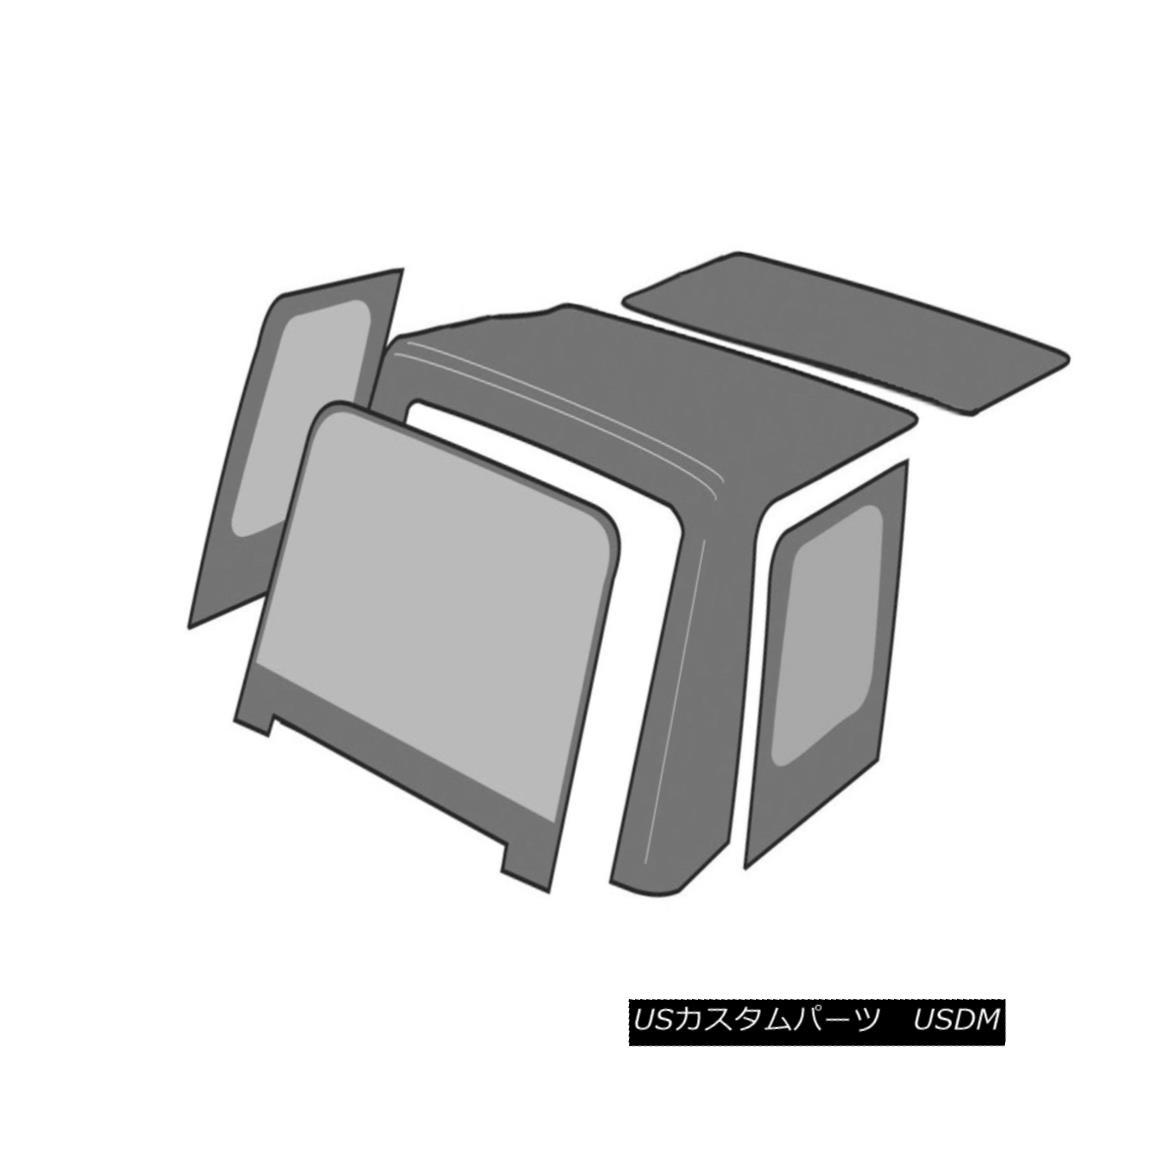 幌・ソフトトップ Rampage 99935 Factory Replacement Soft Top Fits 07-09 Wrangler (JK) ランペイジ99935工場交換ソフトトップフィット07-09ラングラー(JK)